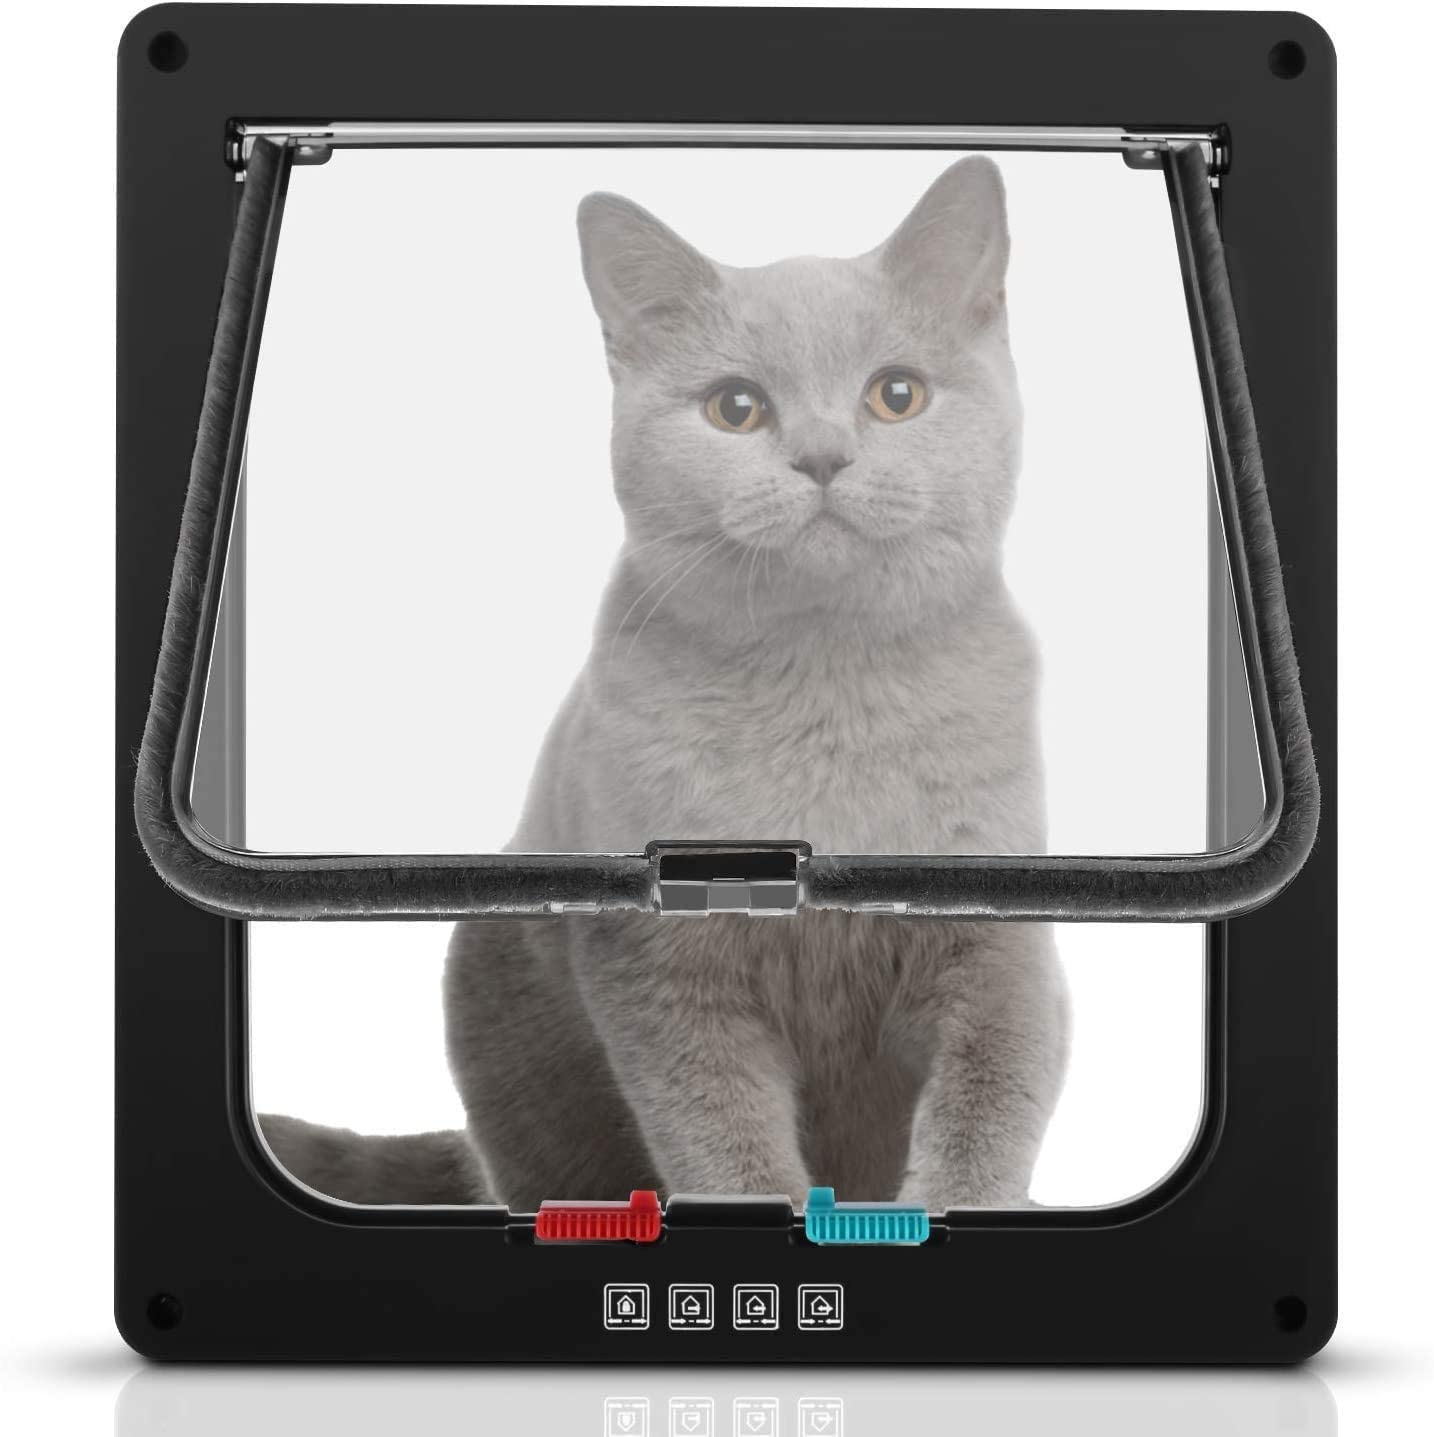 Sailnovo Puerta para Gato con Cierre magnético de 4 vías, Puerta para Mascotas para Gatos y Perros pequeños, Puerta para Gatos con túnel Negro 20 x 22 x 5.5 cm